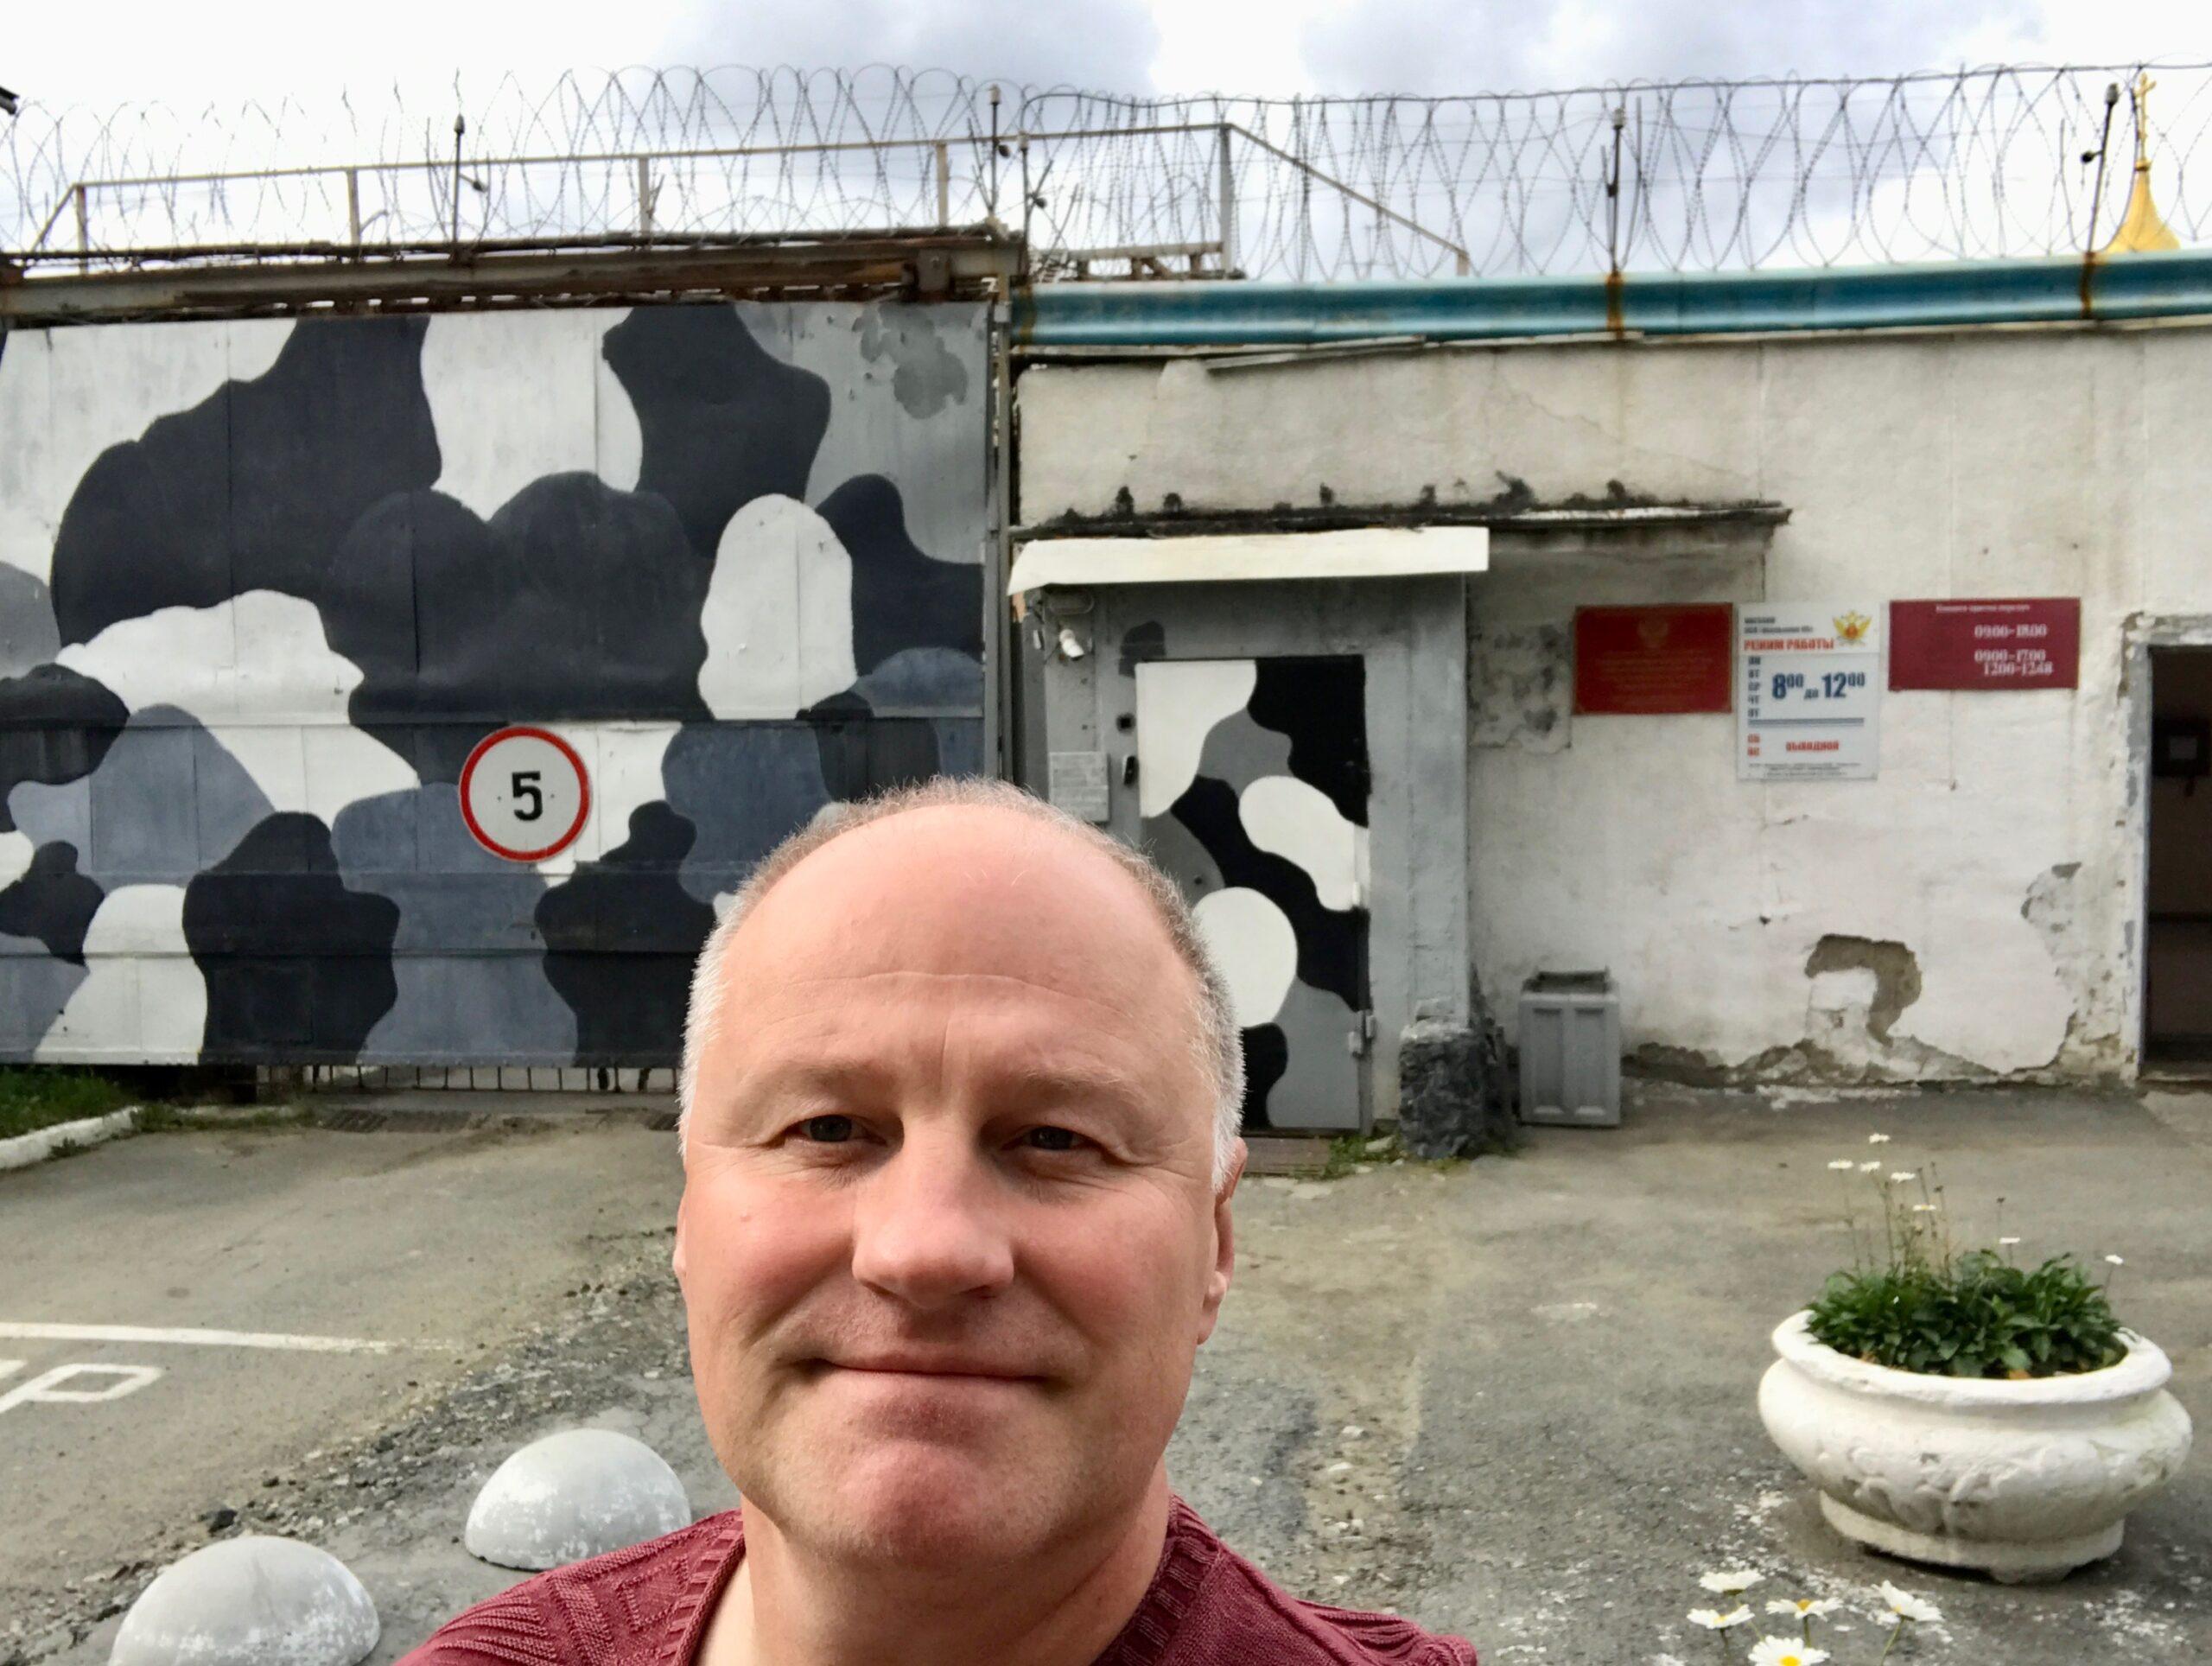 Женская тюрьма Екатеринбурга: убийства, наркотики, проституция, мошенничество, тяжкие телесные повреждения.